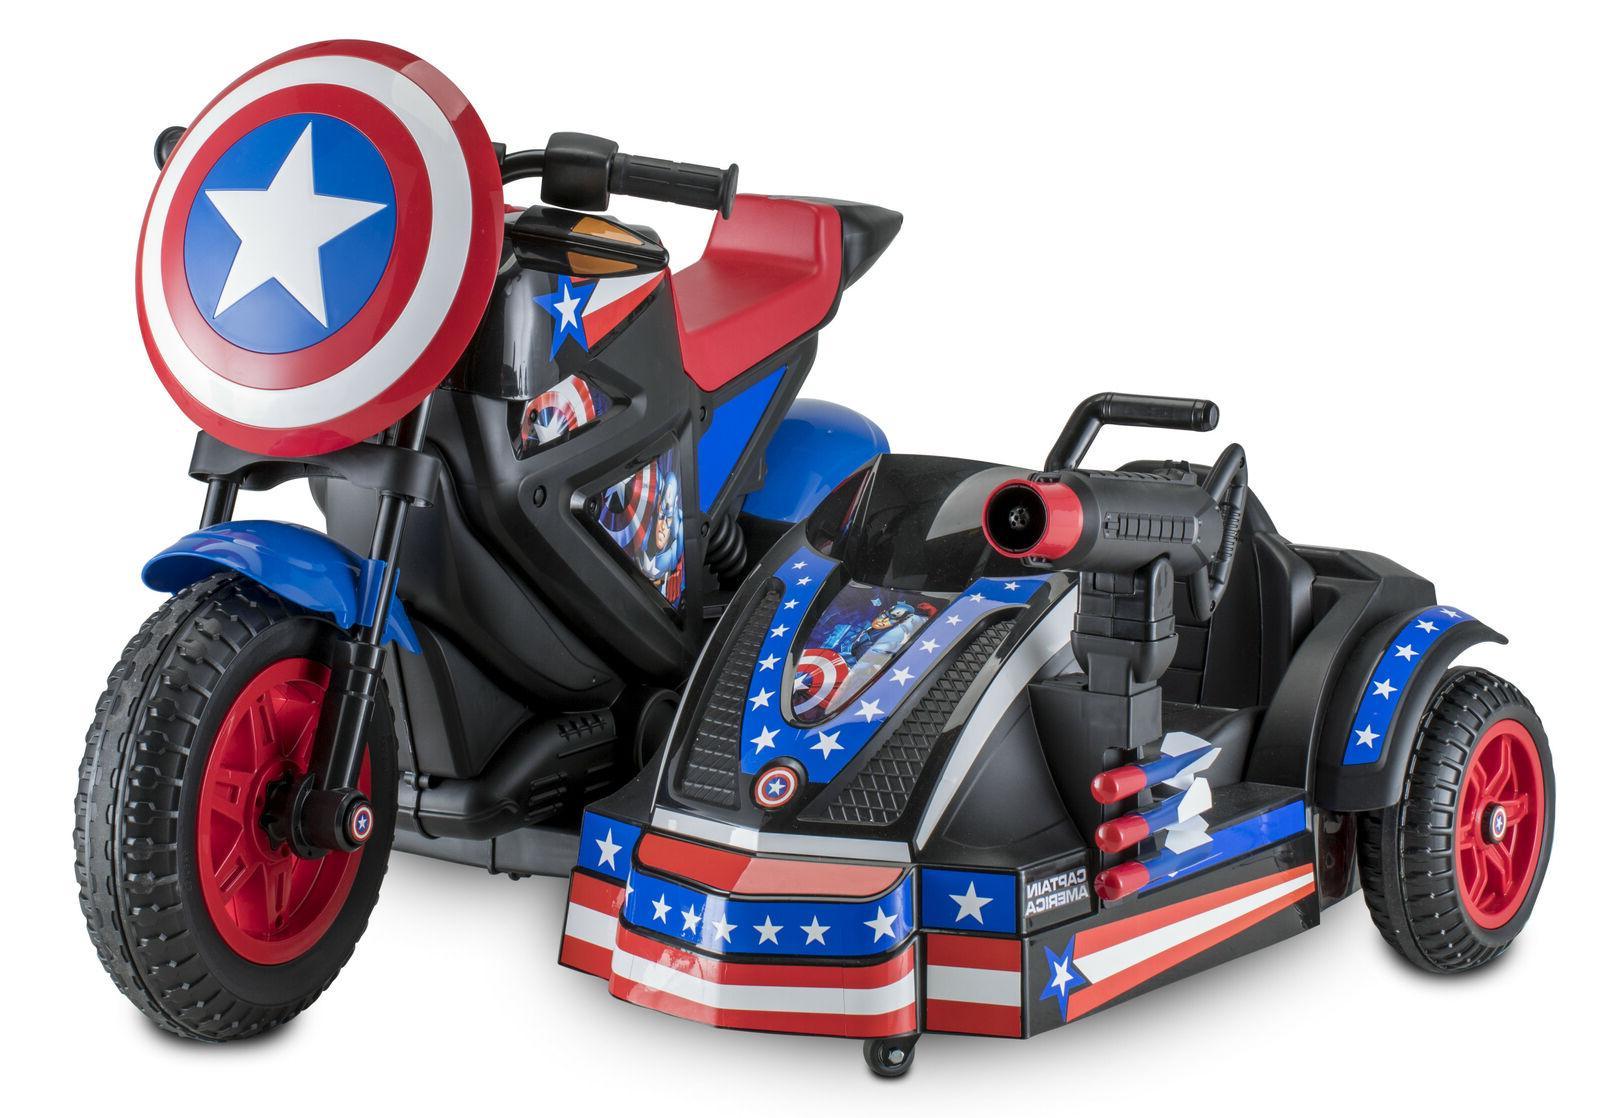 Captain America Motorcycle Kid Sidewalk Vehicle